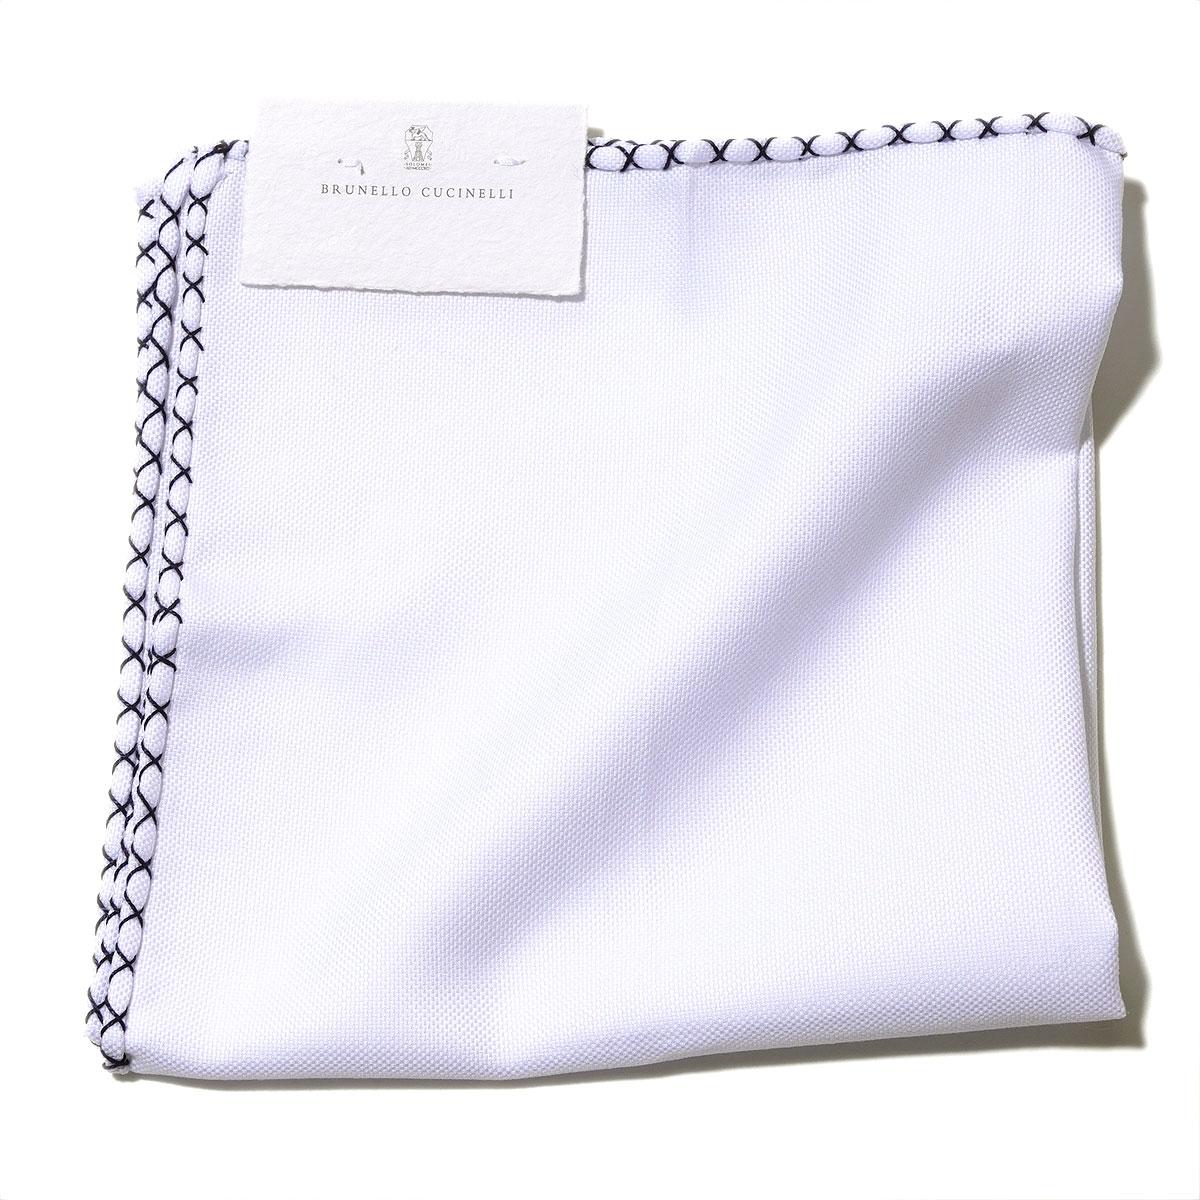 ブルネロクチネリ【イタリア製】ポケットチーフ MD8030091 C159J BRUNELLO CUCINELLI